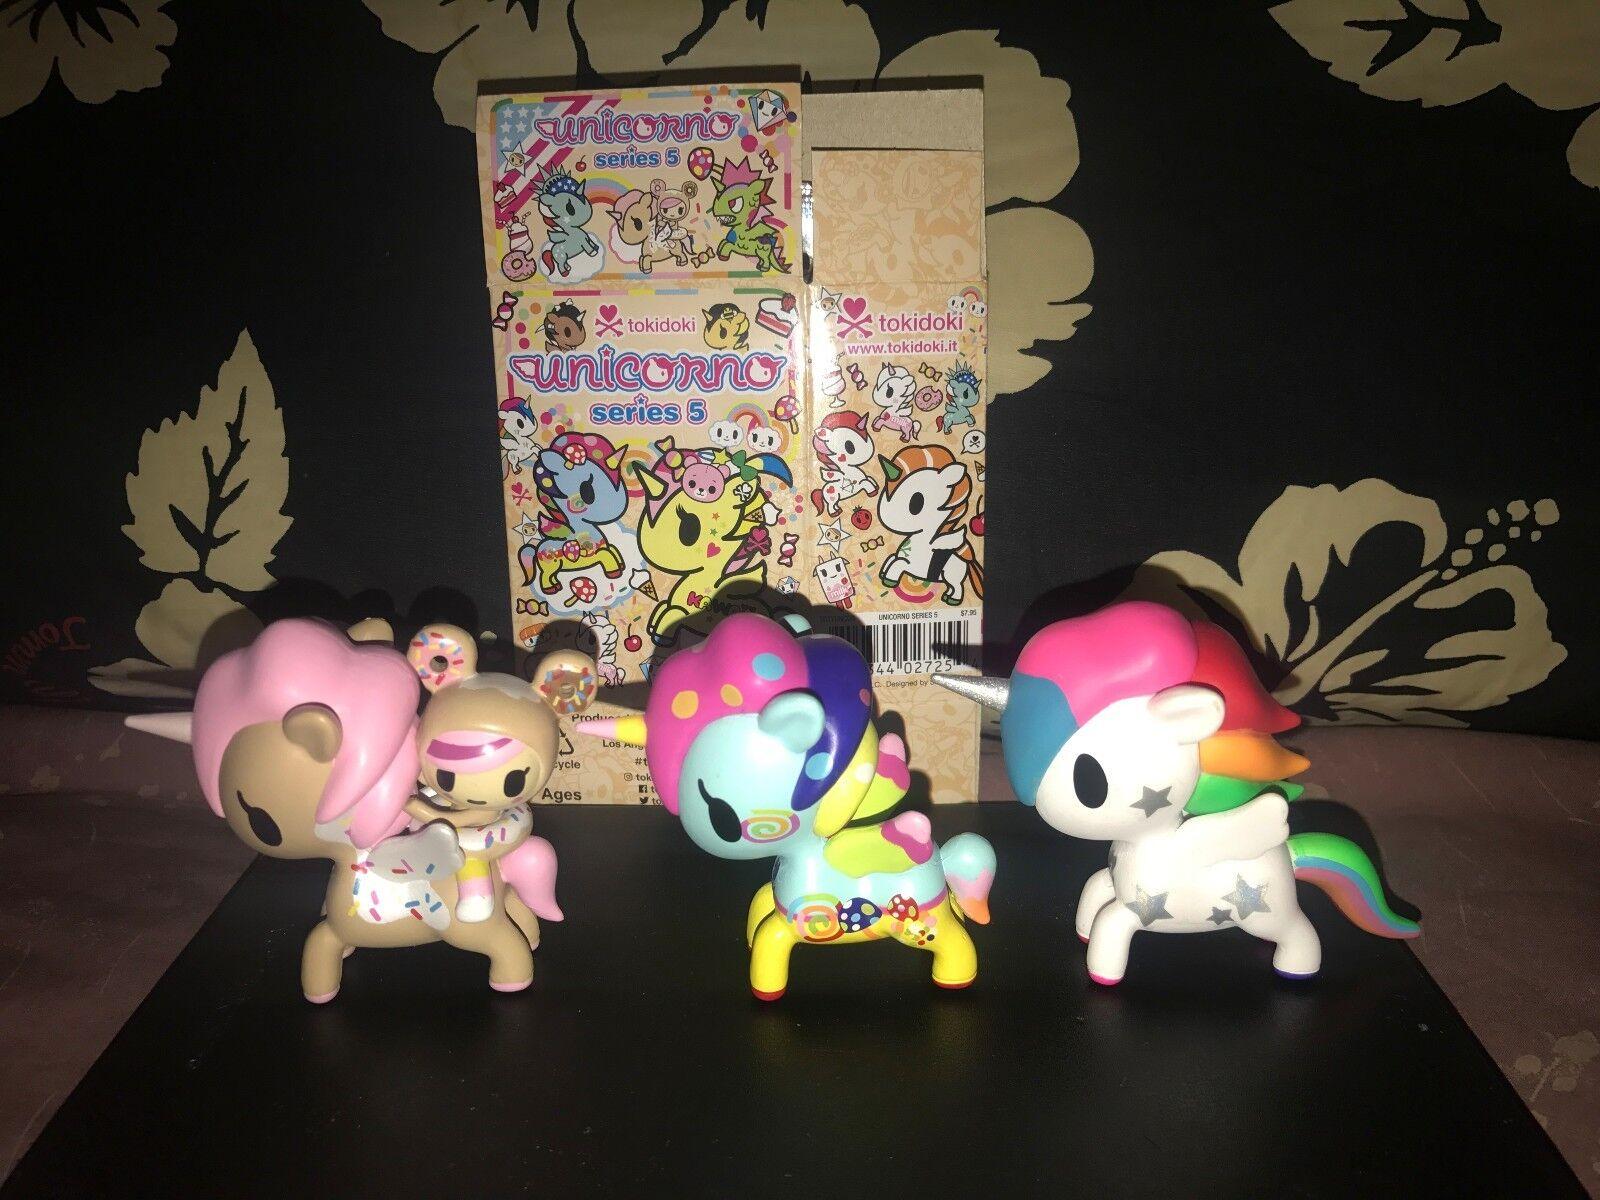 Tokidoki Unicorno Series 5 Lot of 3-Soulmates, Kinoko, Prisma with Box & Foil